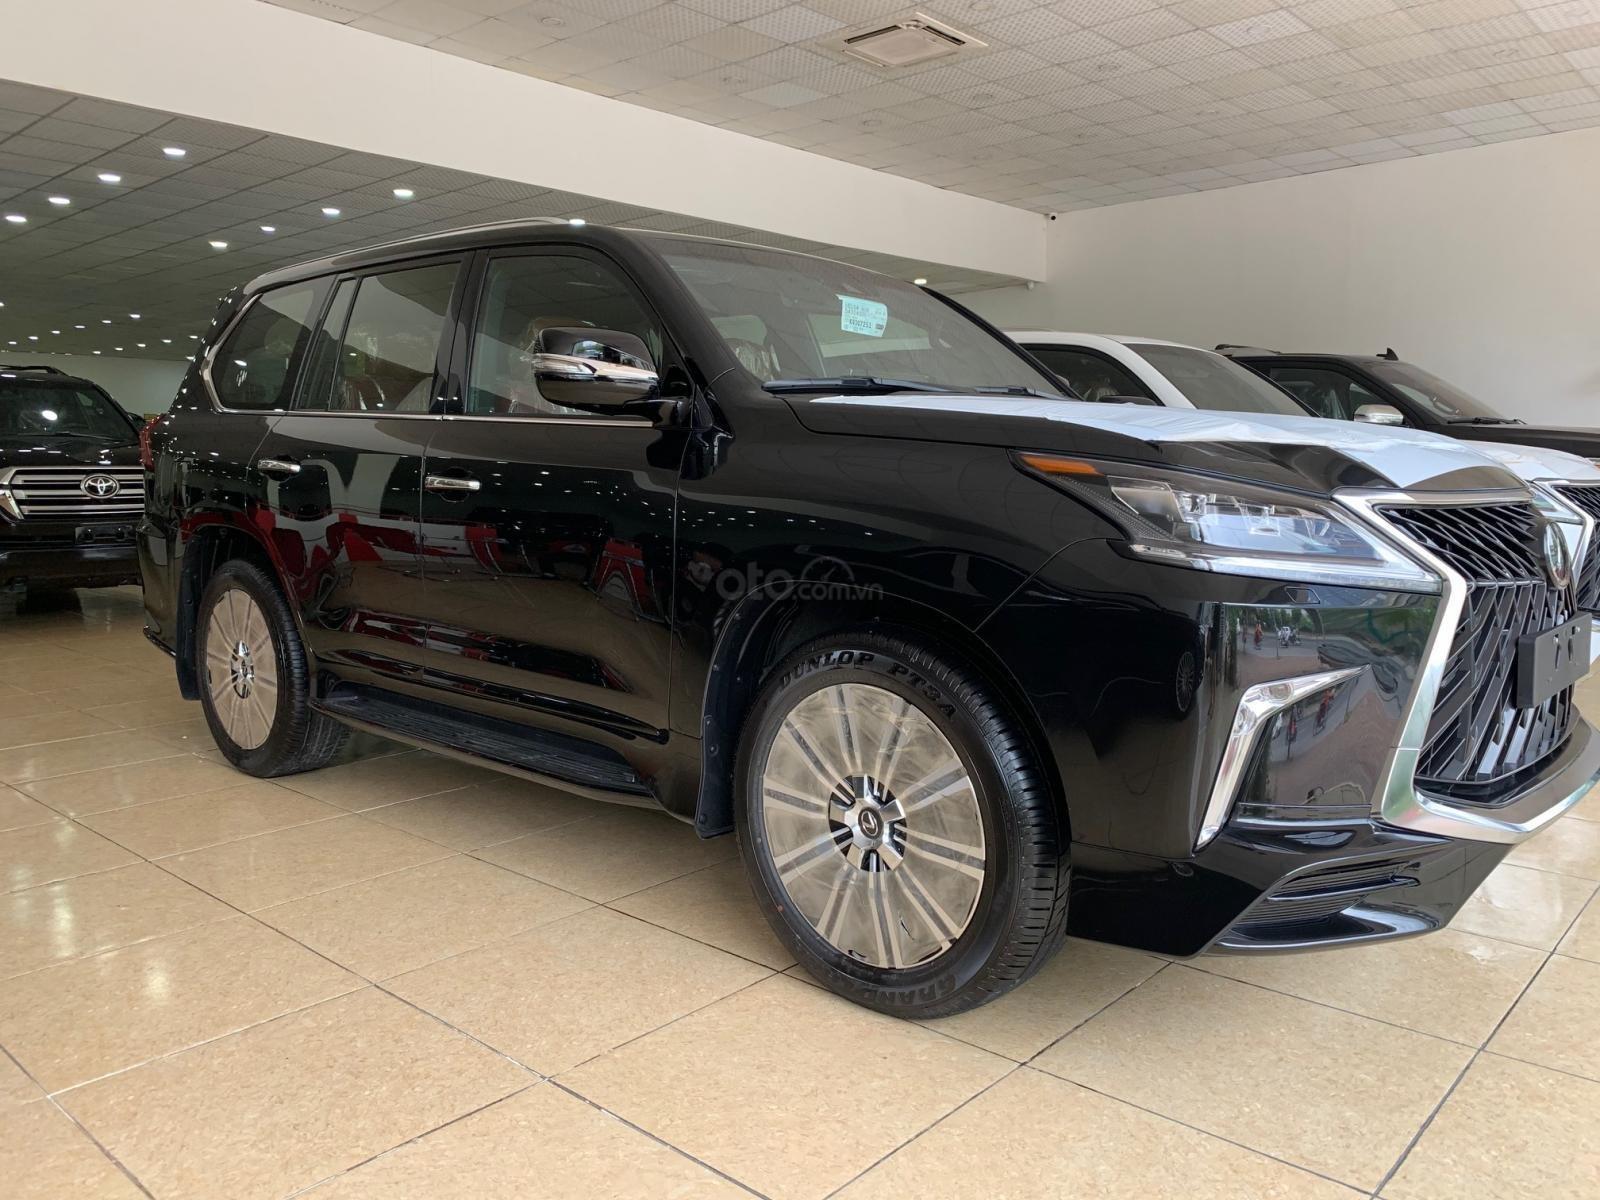 Cần bán Lexus LX570 Super Sport đời 2019, màu đen, nhập khẩu bản cao cấp nhất (4)